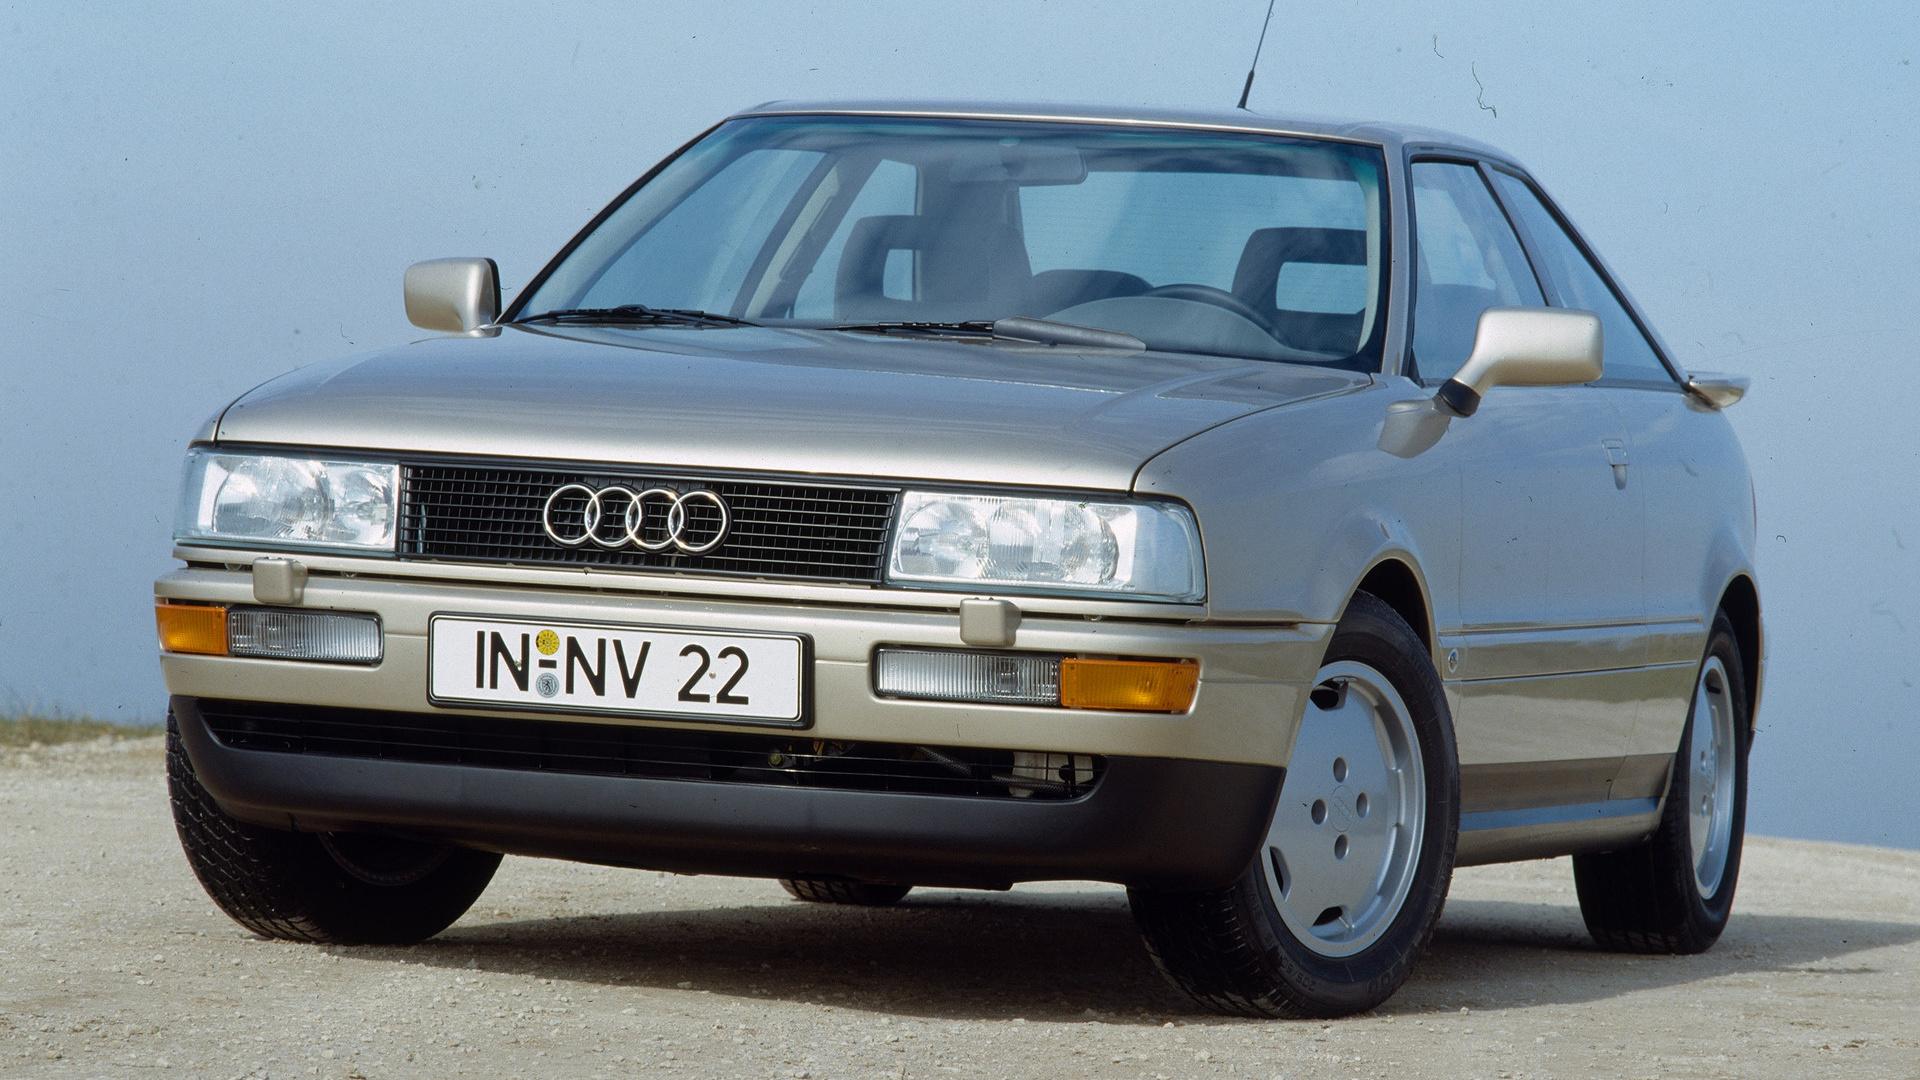 1988 Audi Coupe - Fonds d'écran et images HD   Car Pixel